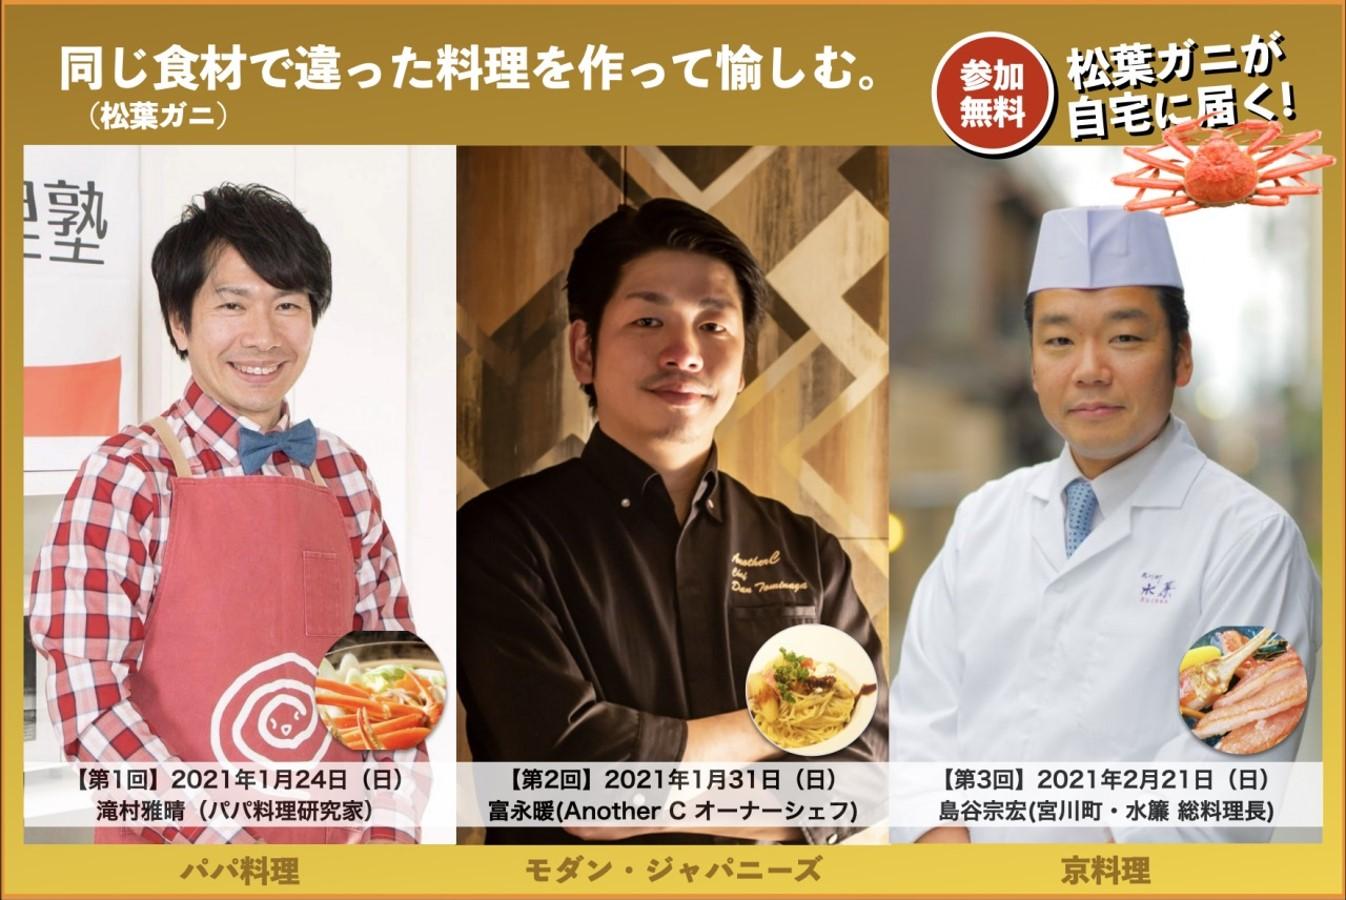 松葉ガニで無料の料理教室 冬の味覚をプロの指導で